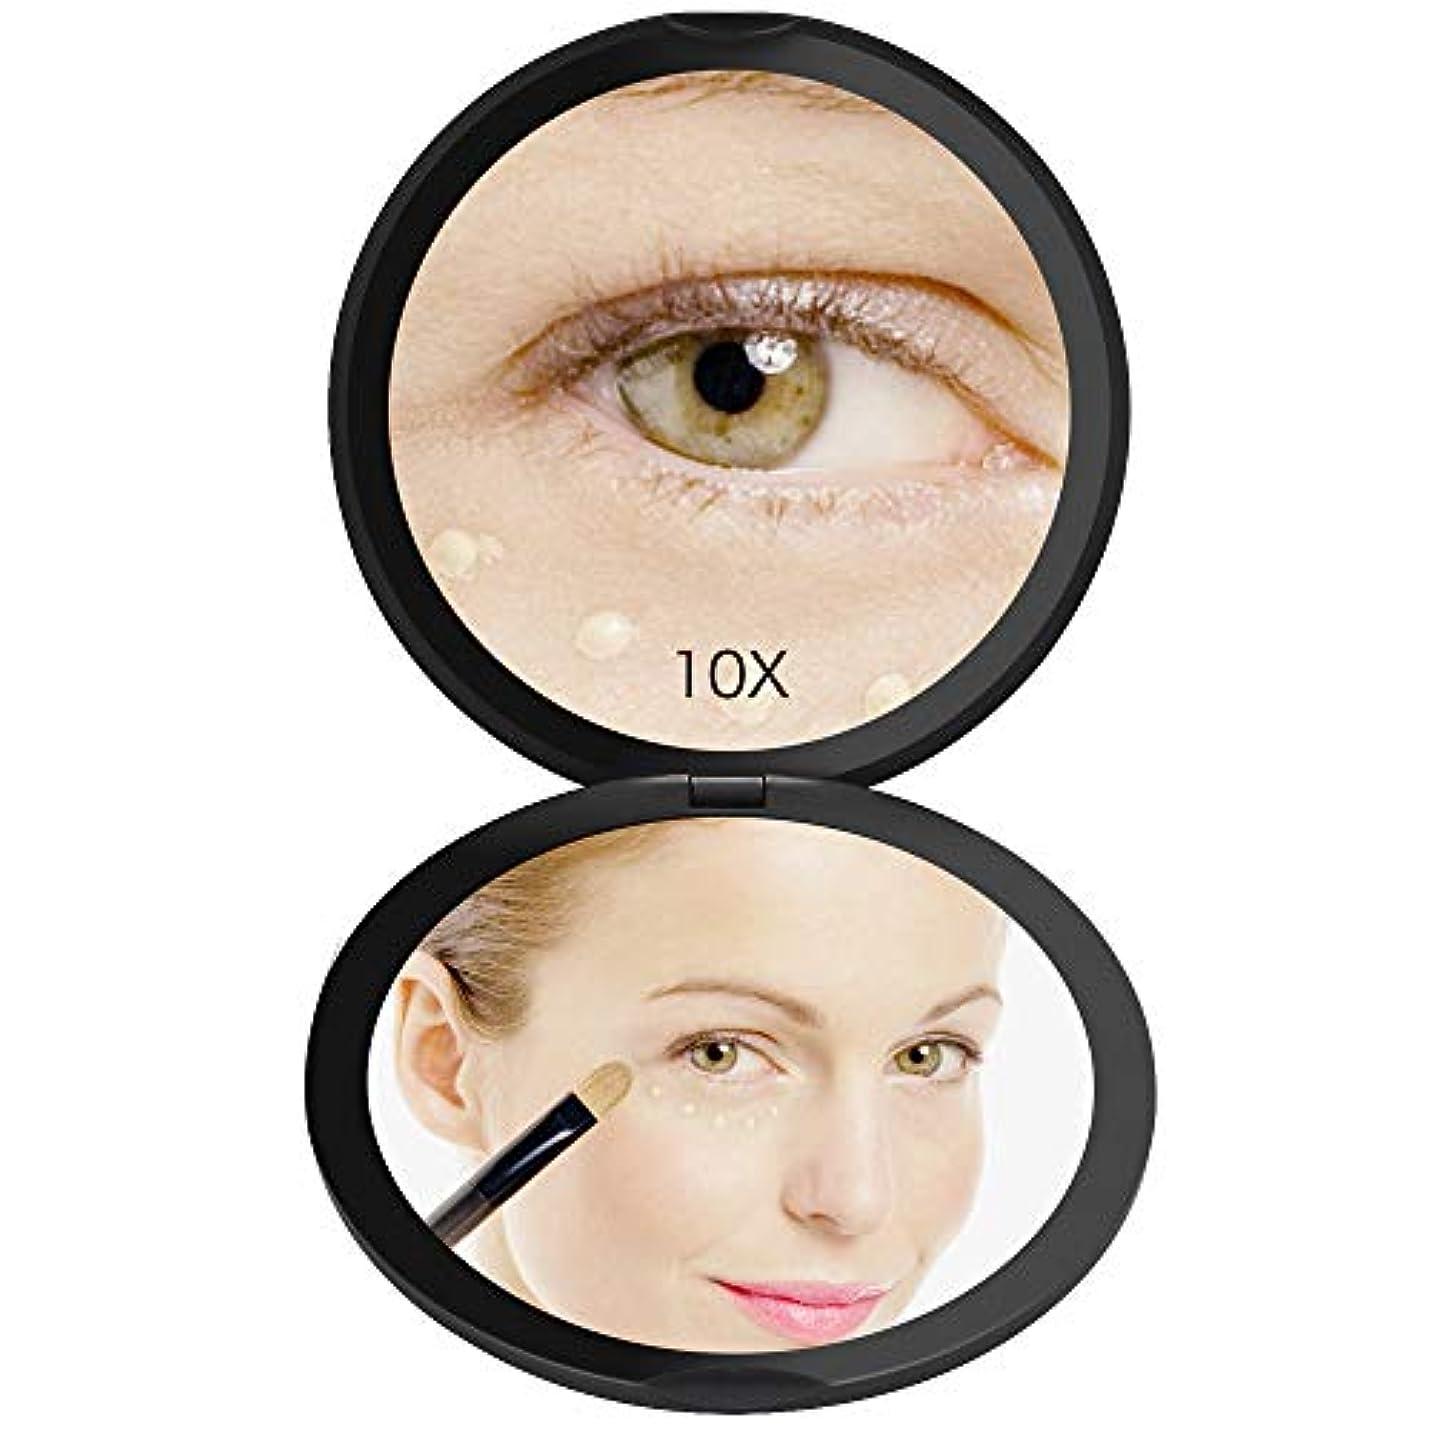 難しい五十枝FASCINATE 化粧鏡 化粧ミラー 鏡 女優ミラー 拡大鏡 10倍 明るさ調節可能 電池給電 (ブラック)